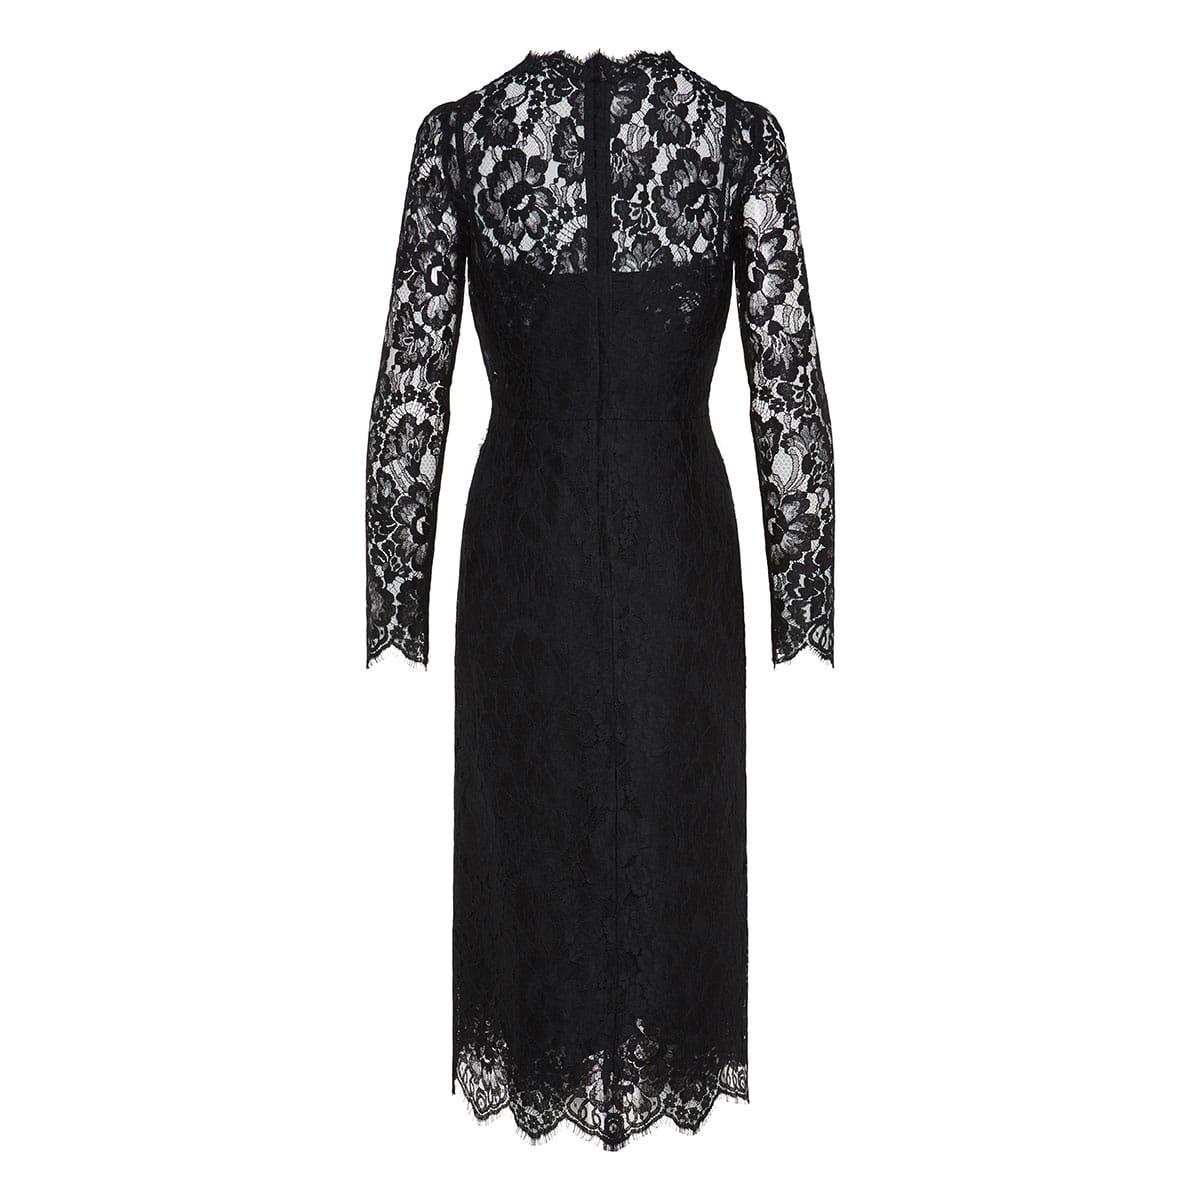 Lace draped midi dress